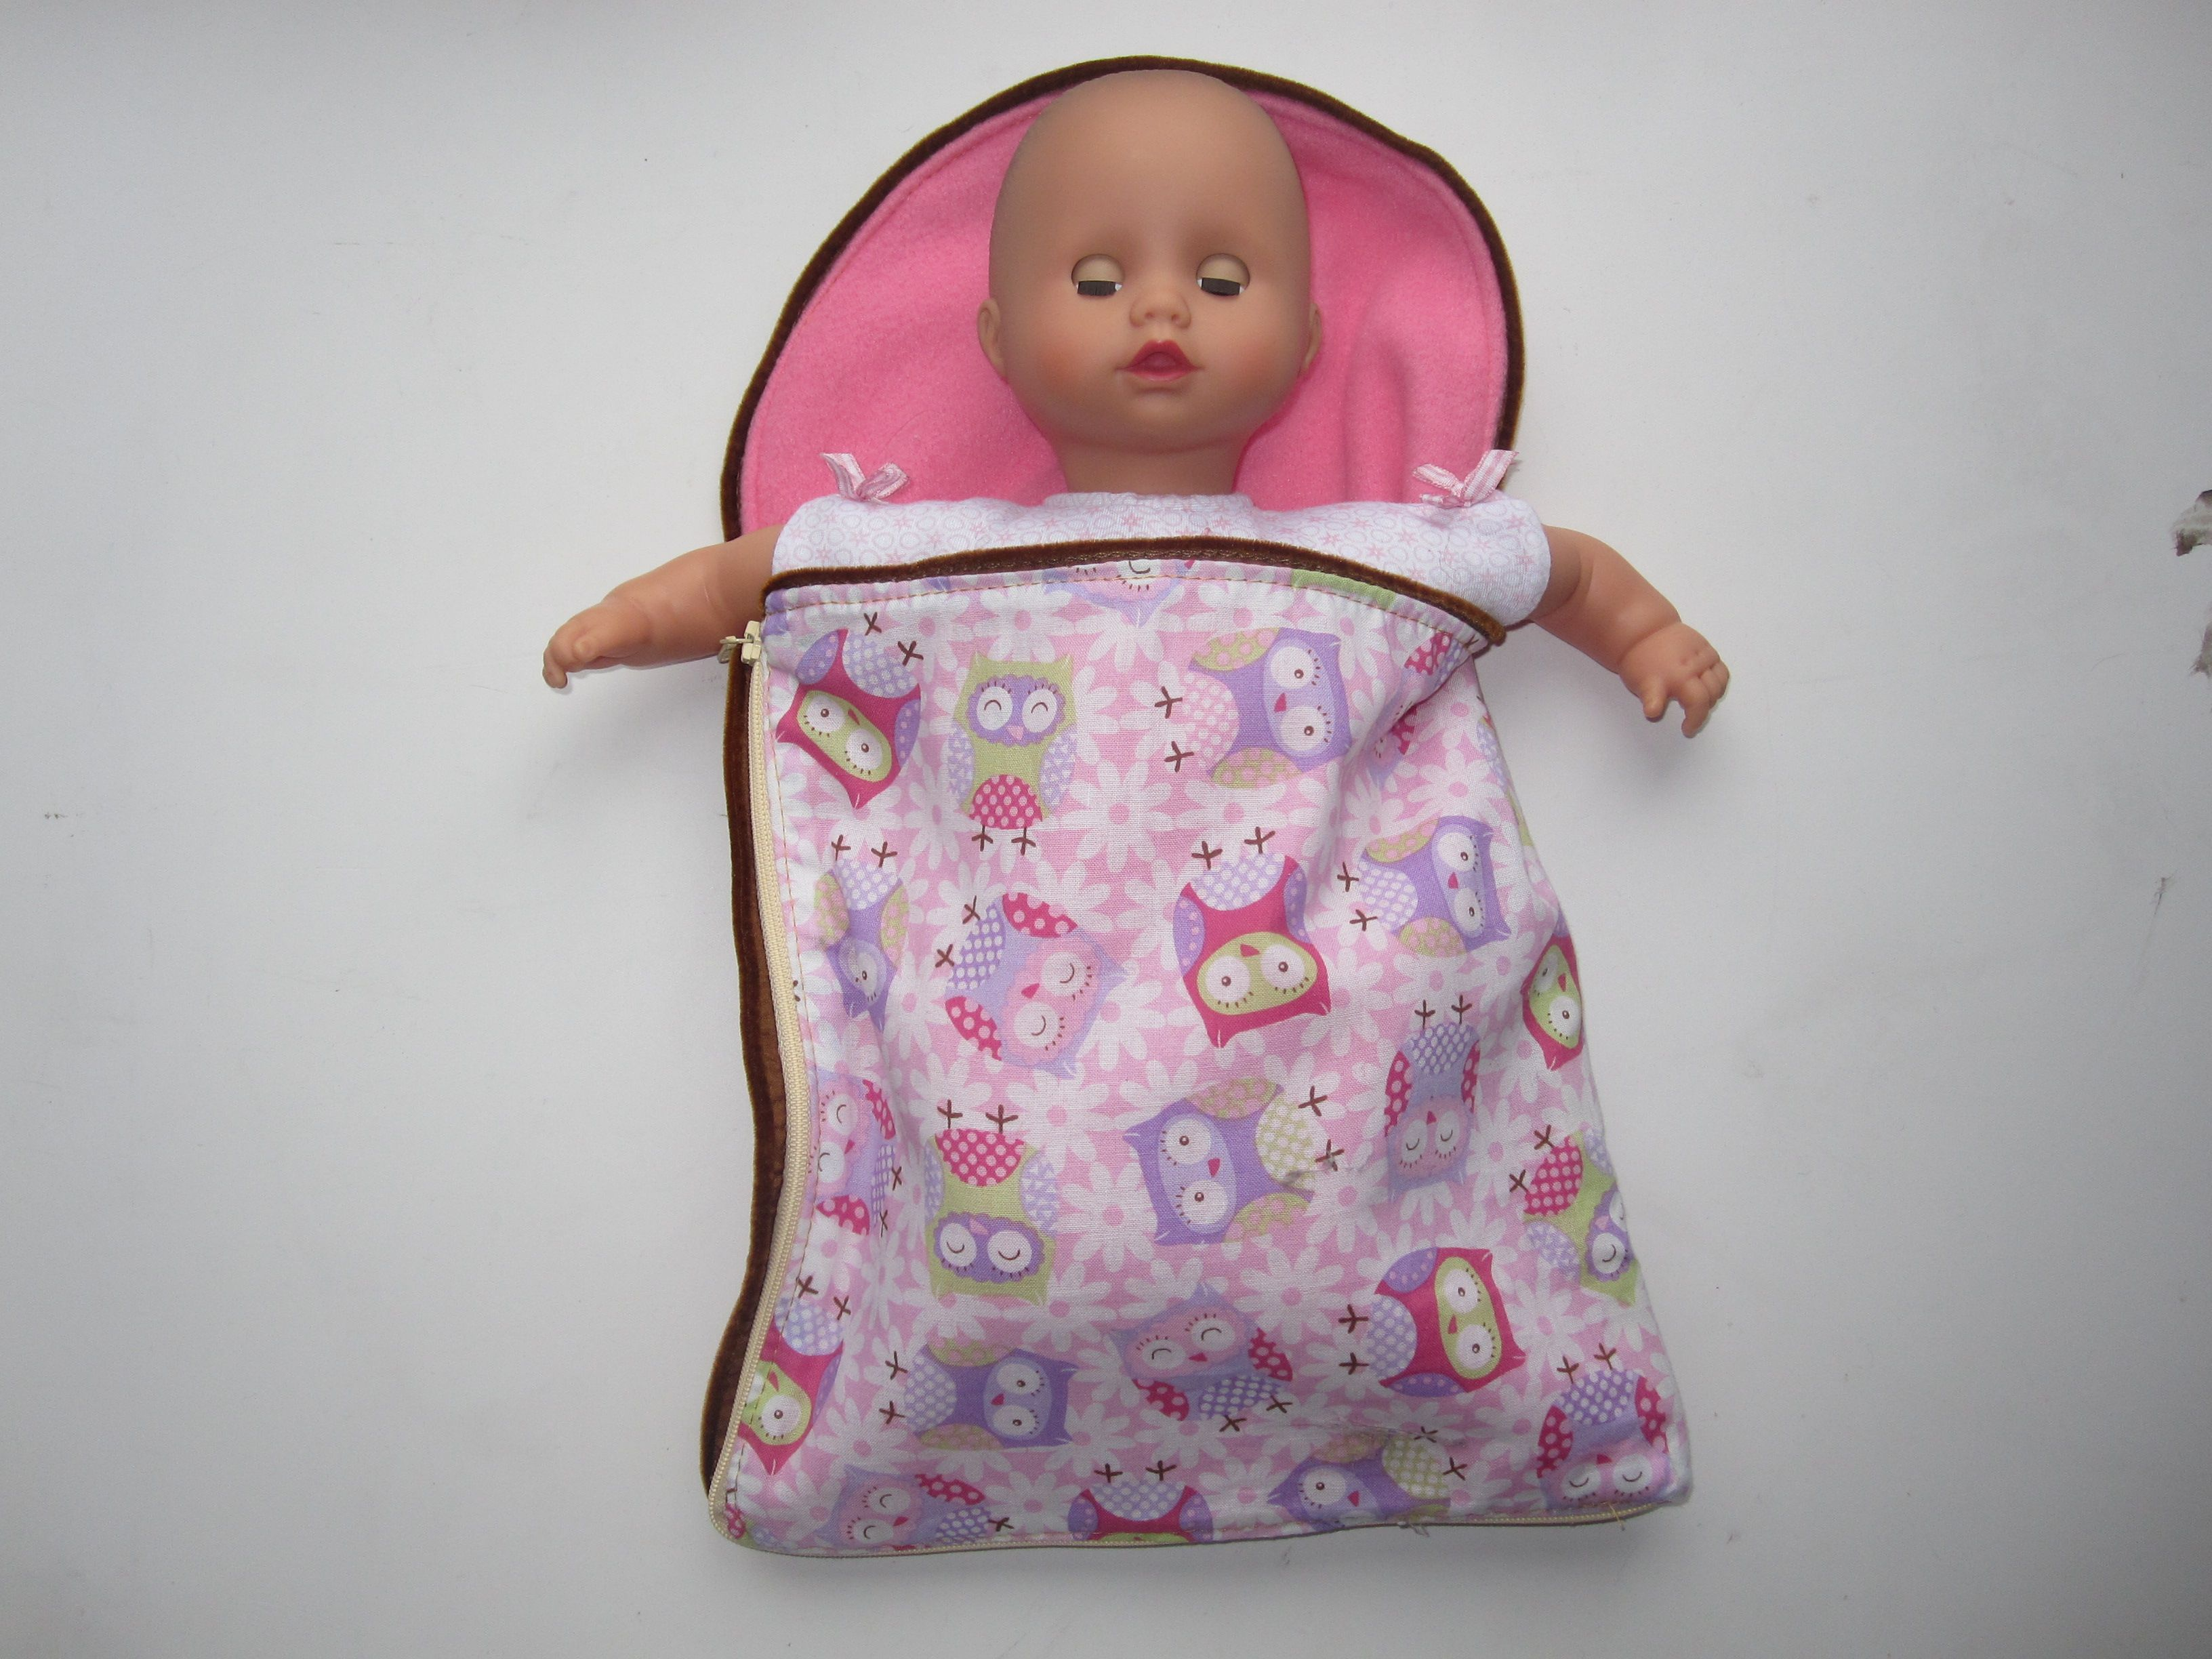 das+ist+MEIN+Puppenschlafsack